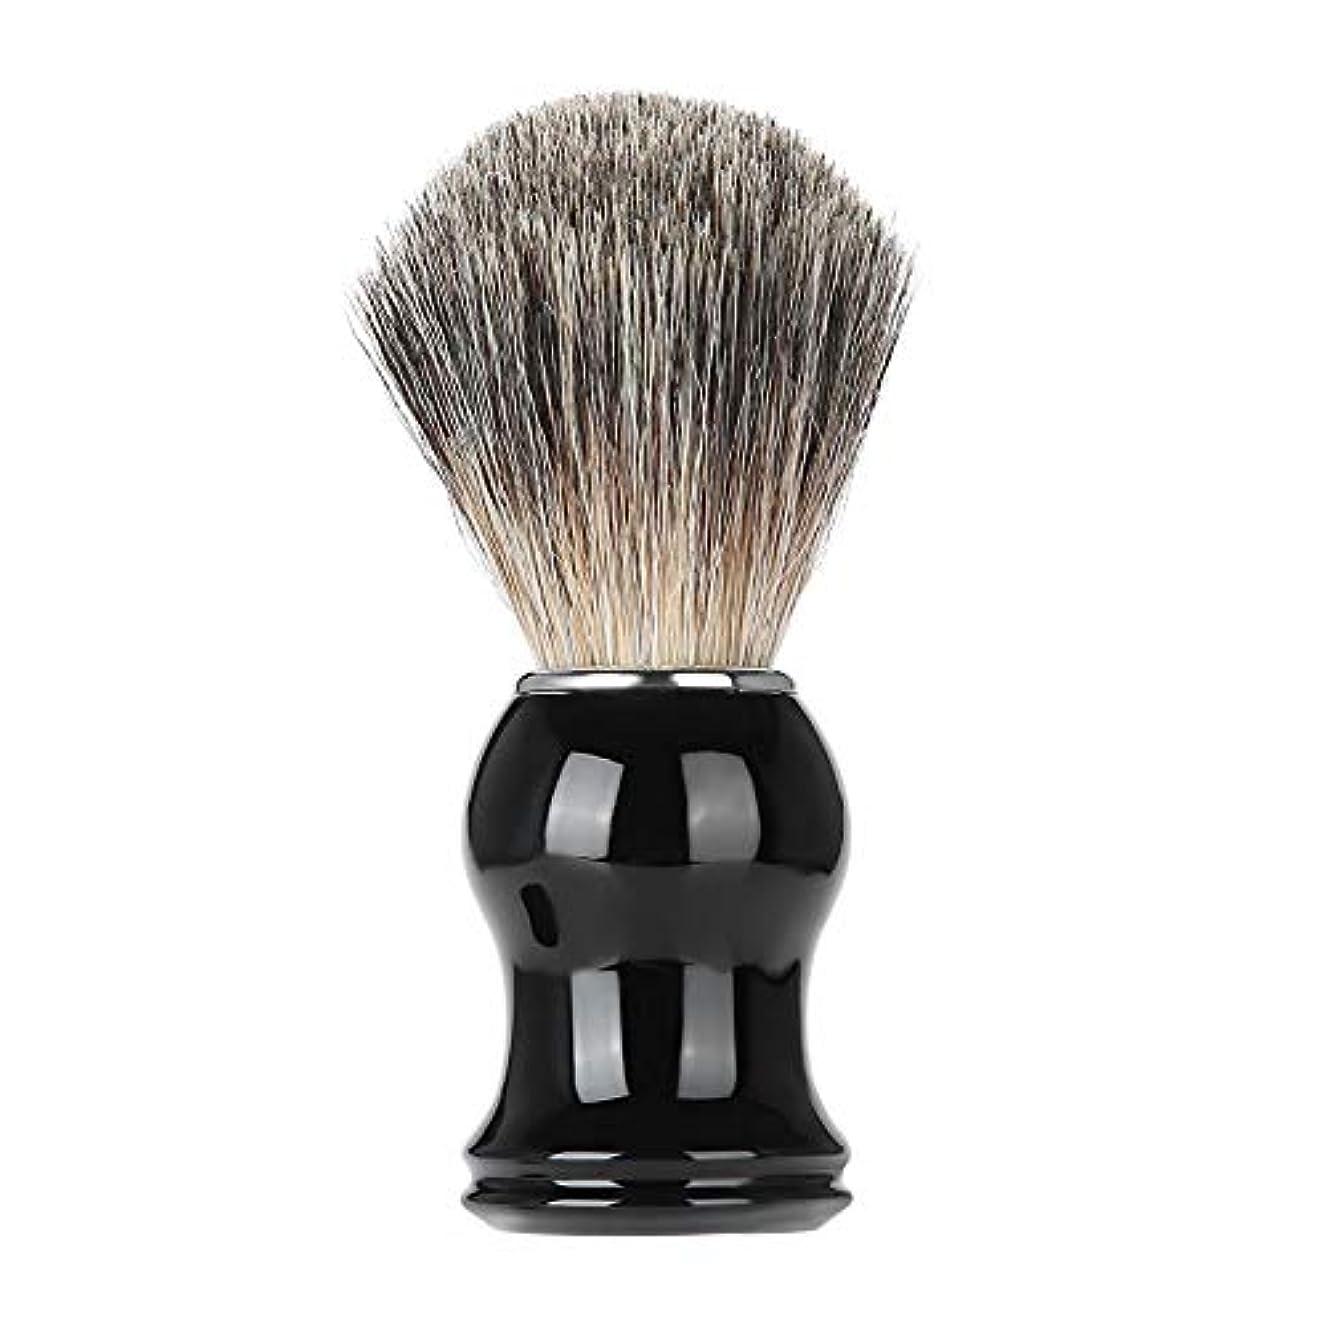 パズル鳴り響く木製シェービングブラシ男性髭口ひげ剃毛ブラシ樹脂ハンドル髭剃りツール